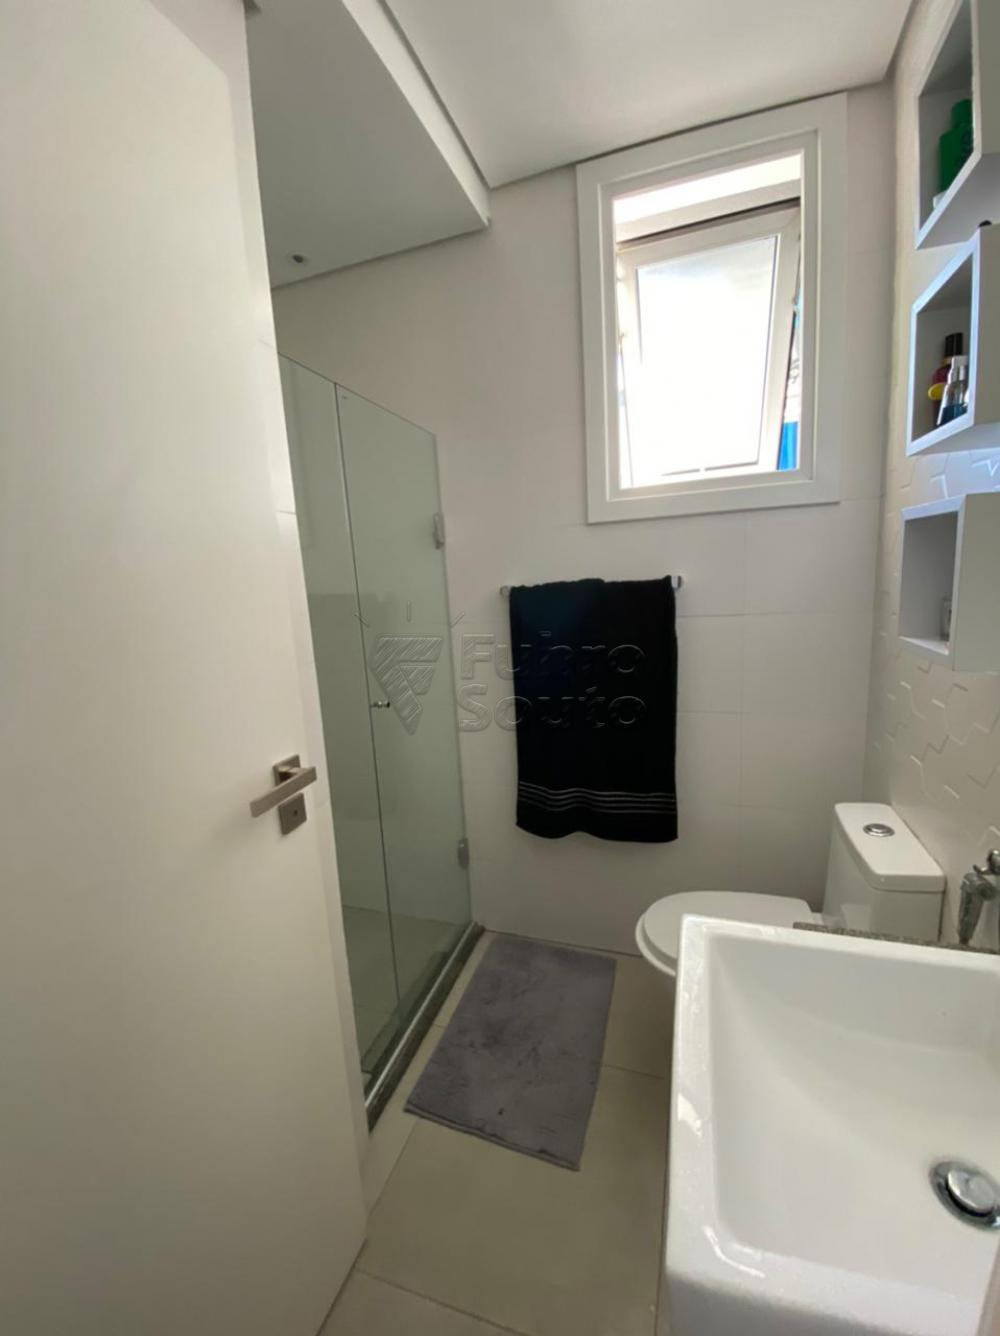 Comprar Apartamento / Padrão em Pelotas R$ 477.000,00 - Foto 10